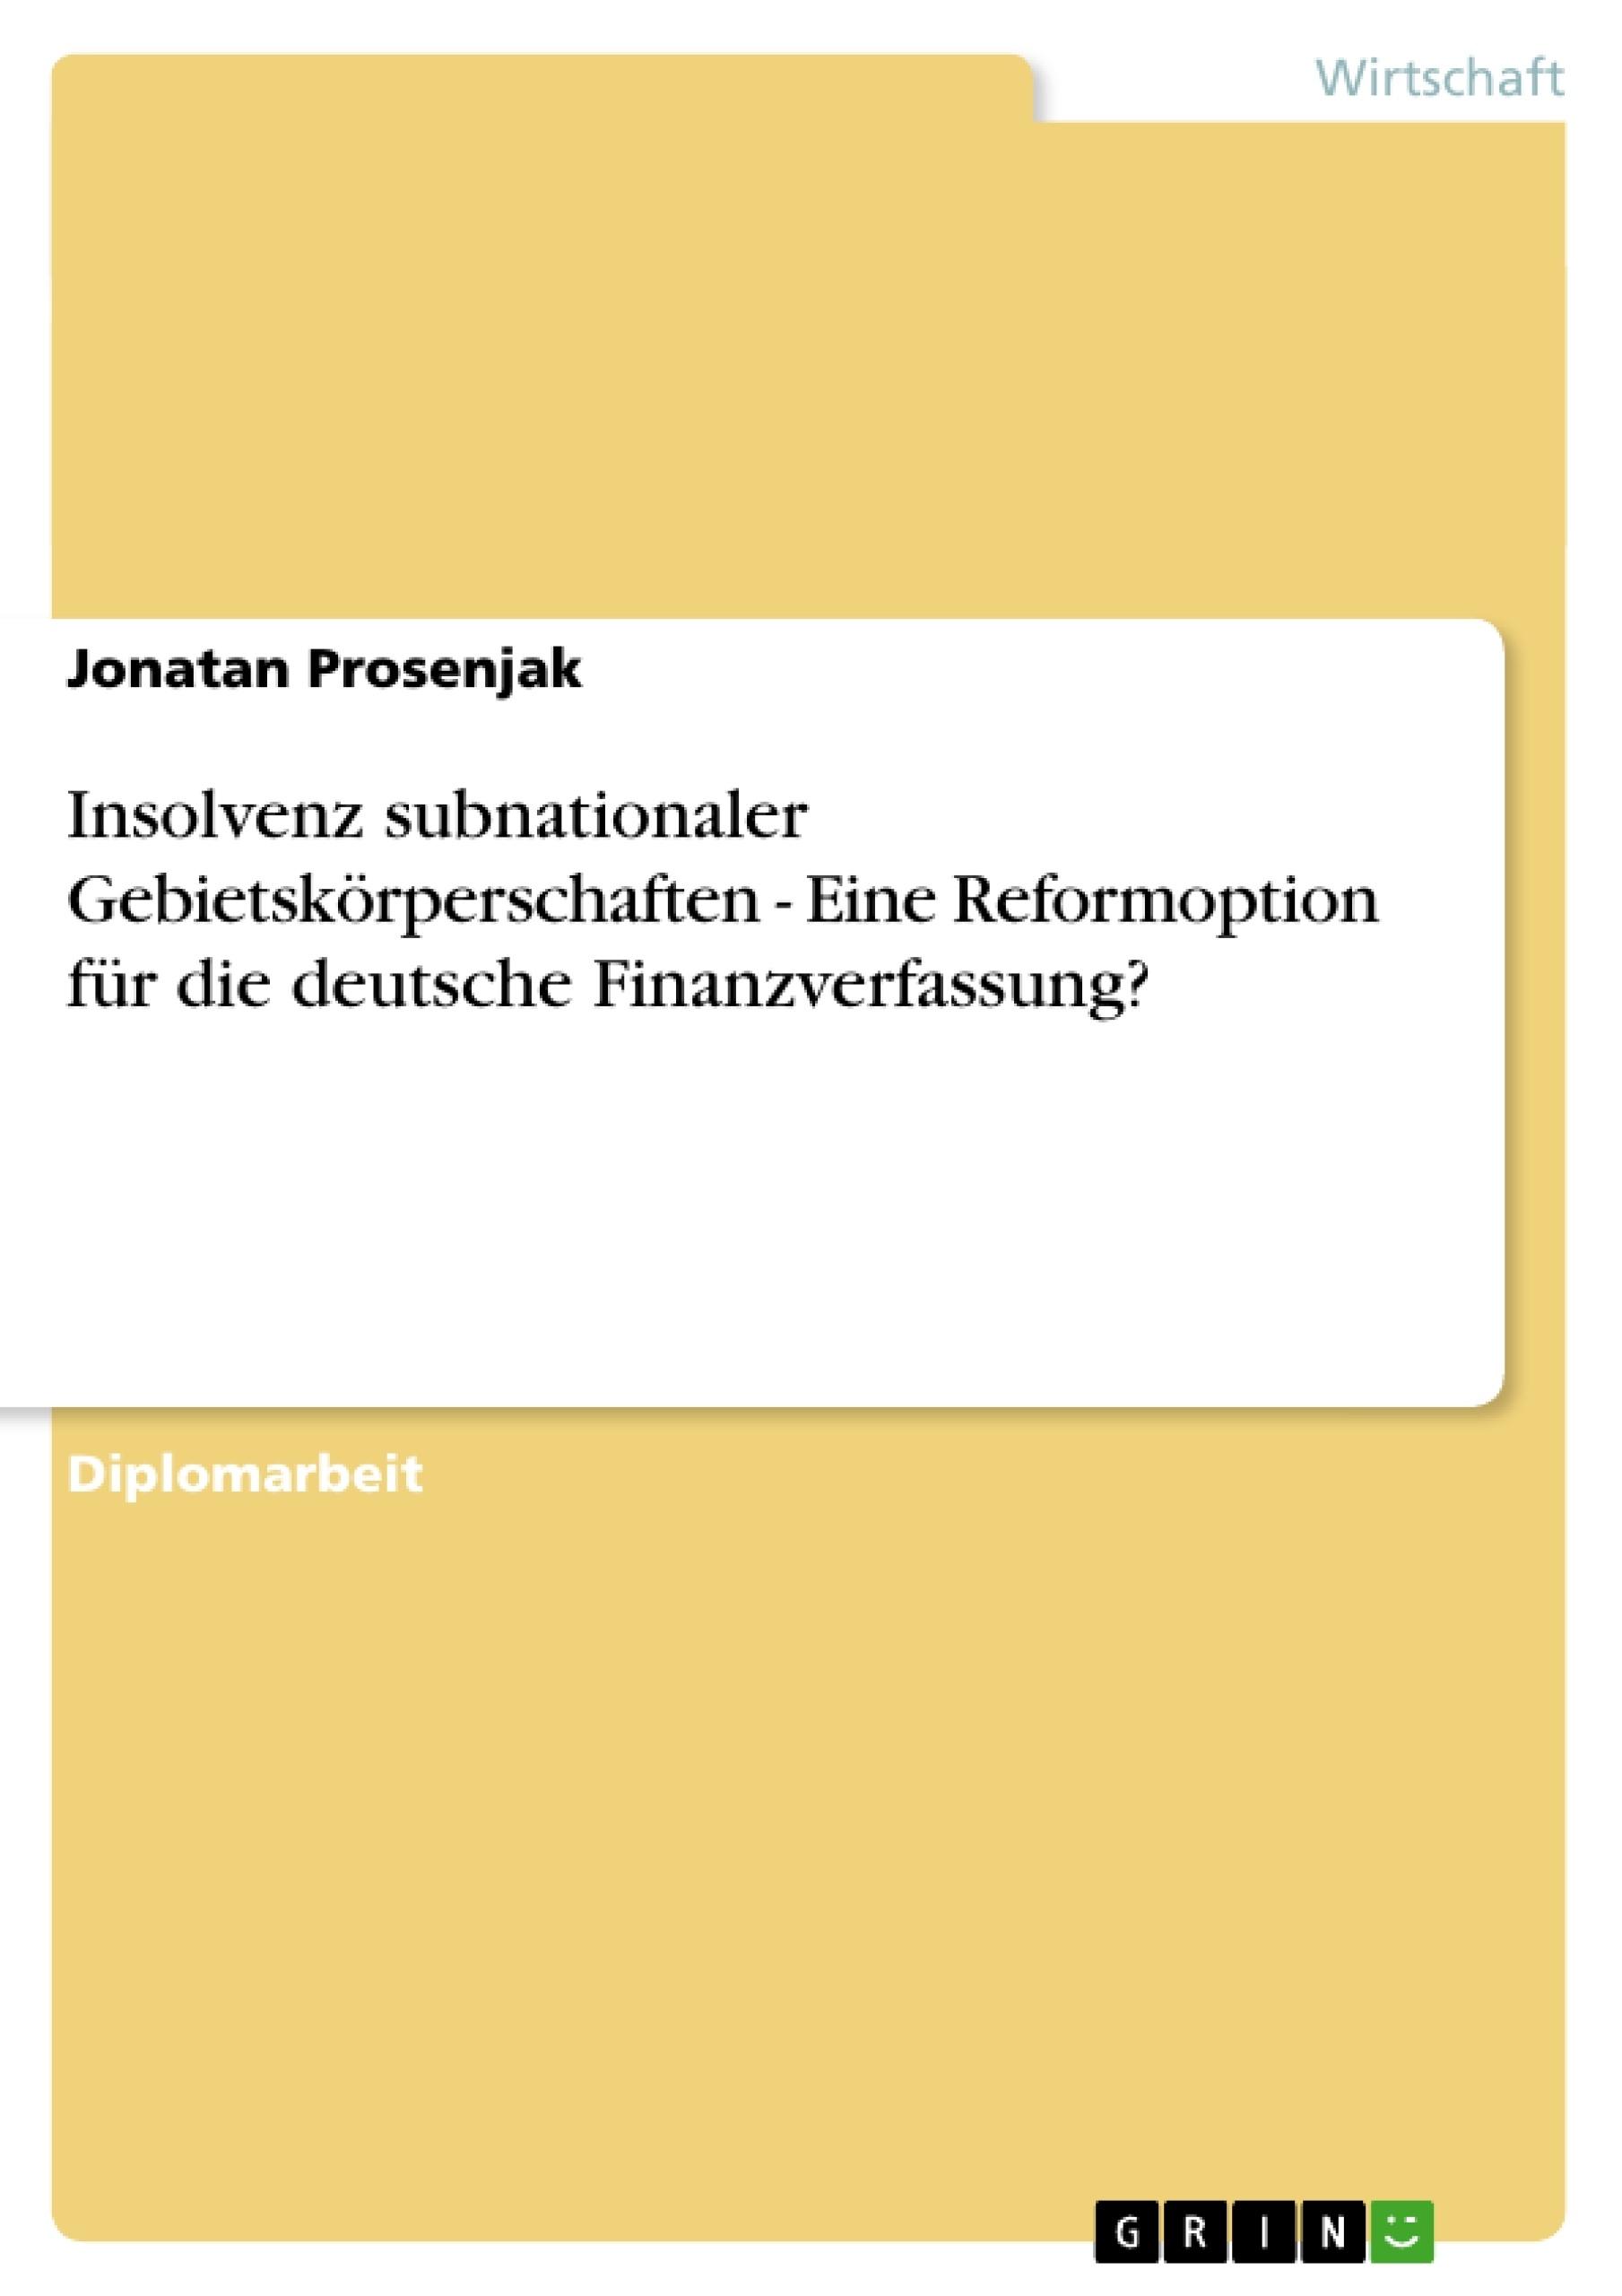 Titel: Insolvenz subnationaler Gebietskörperschaften - Eine Reformoption für die deutsche Finanzverfassung?